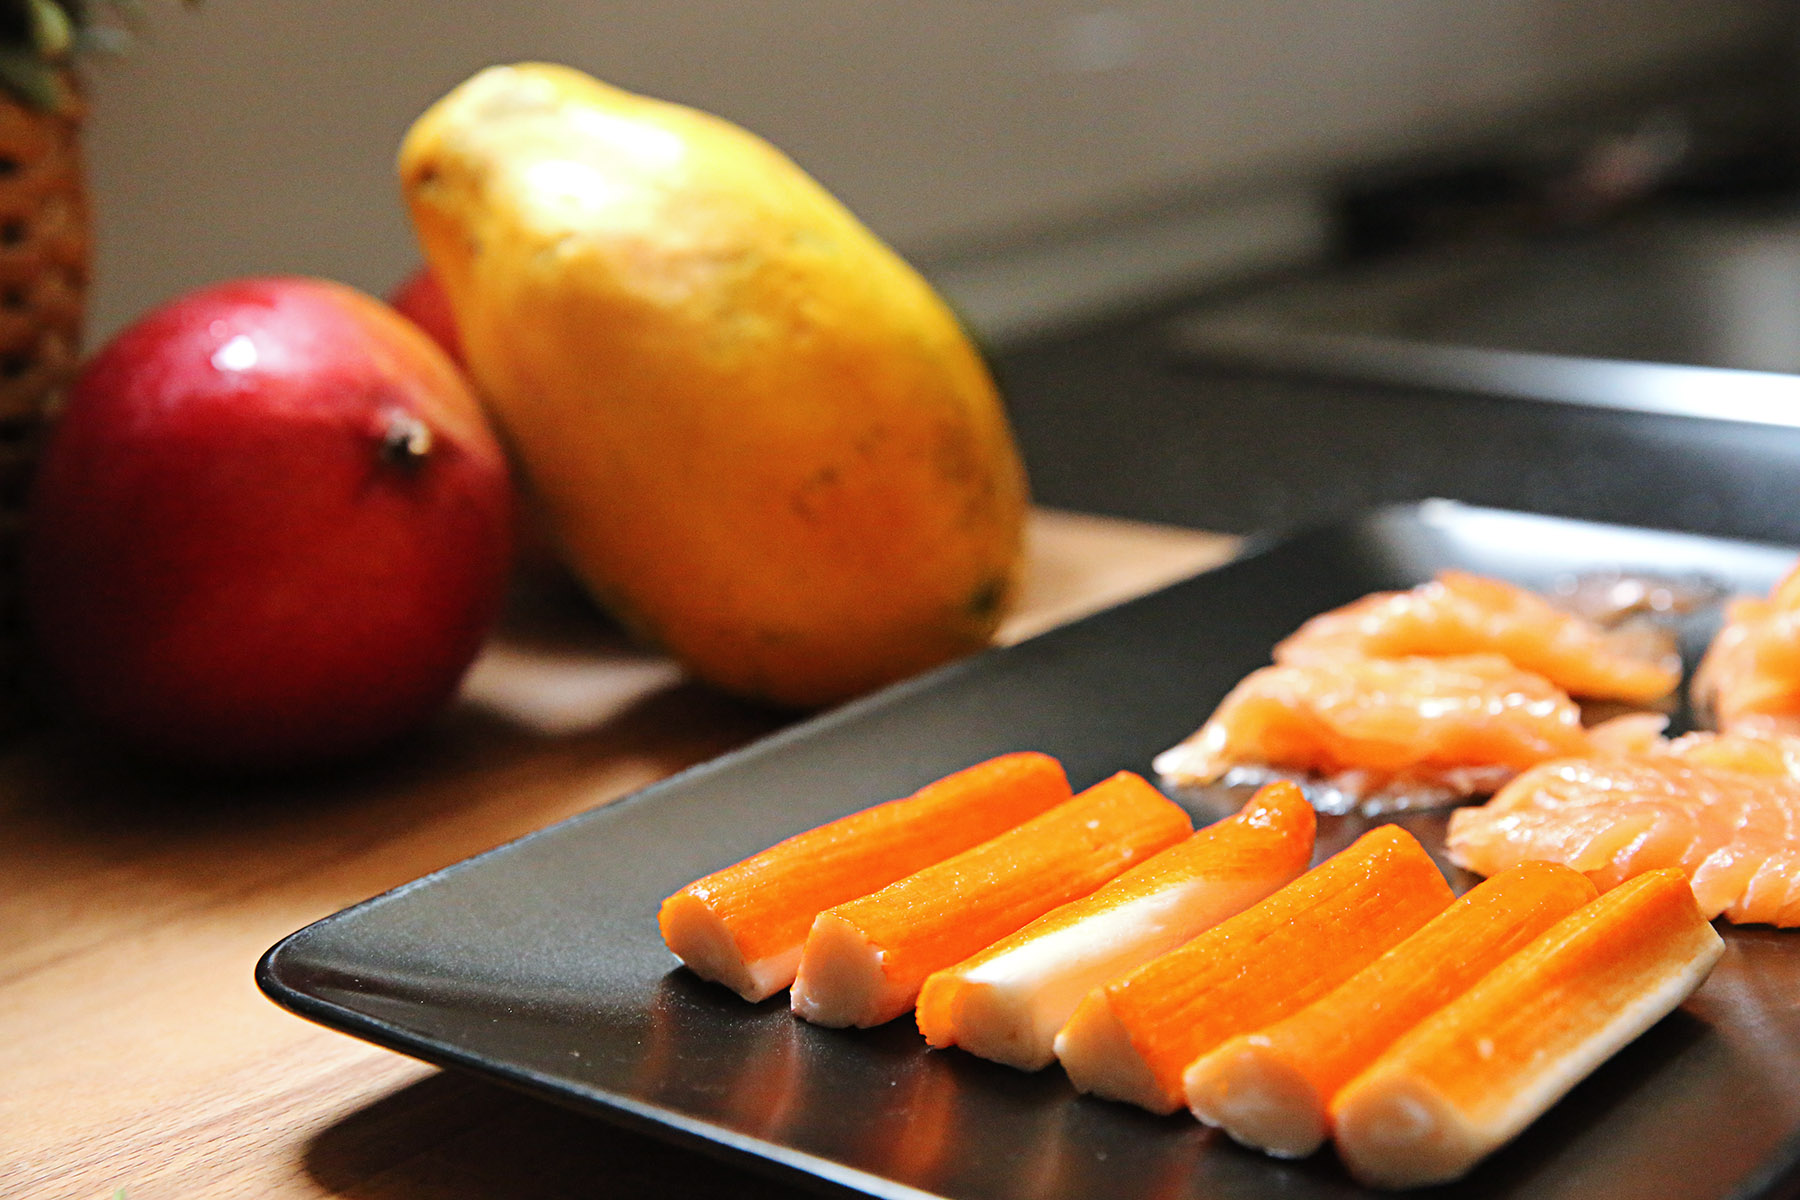 trendy-taste-blog-blogger-fashion-spain-moda-españa-cooking-recipes-recetas-krissia-trendycooking-2